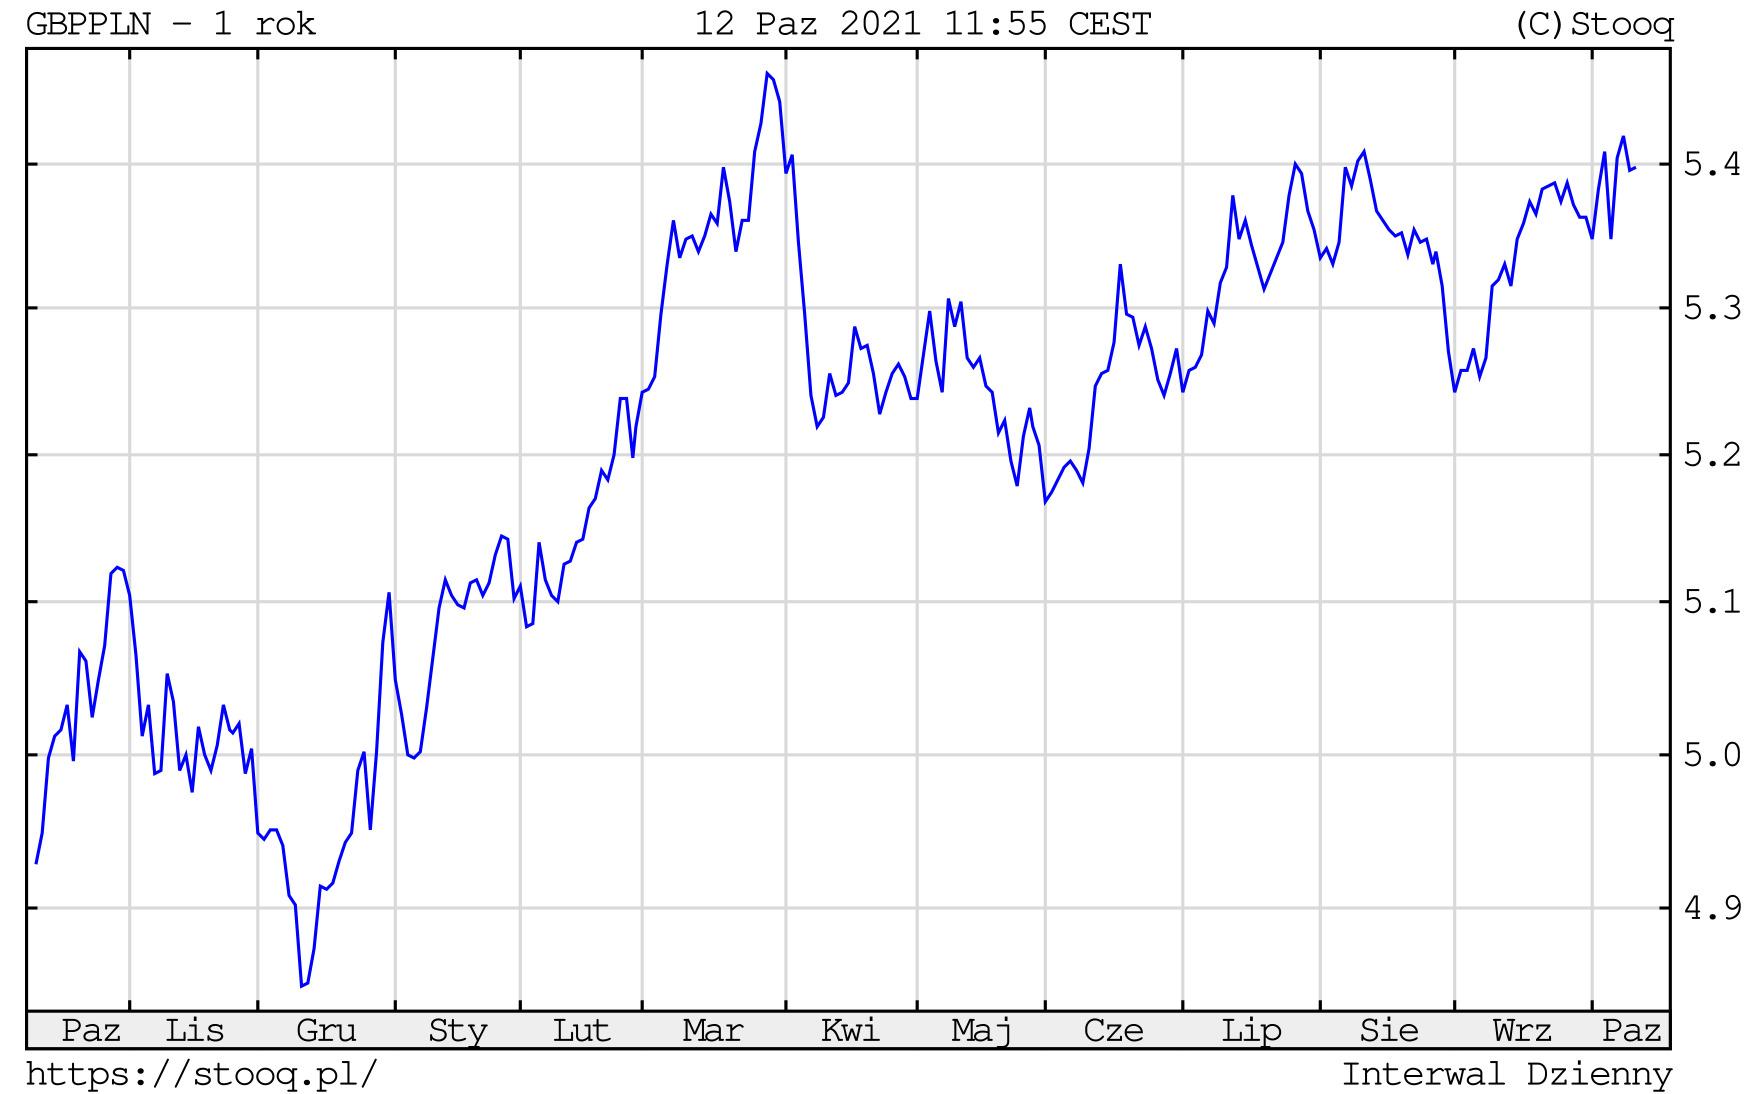 Kurs funta do złotego, 12 października 2021 r. Notowania GBP/PLN na wykresie dziennym